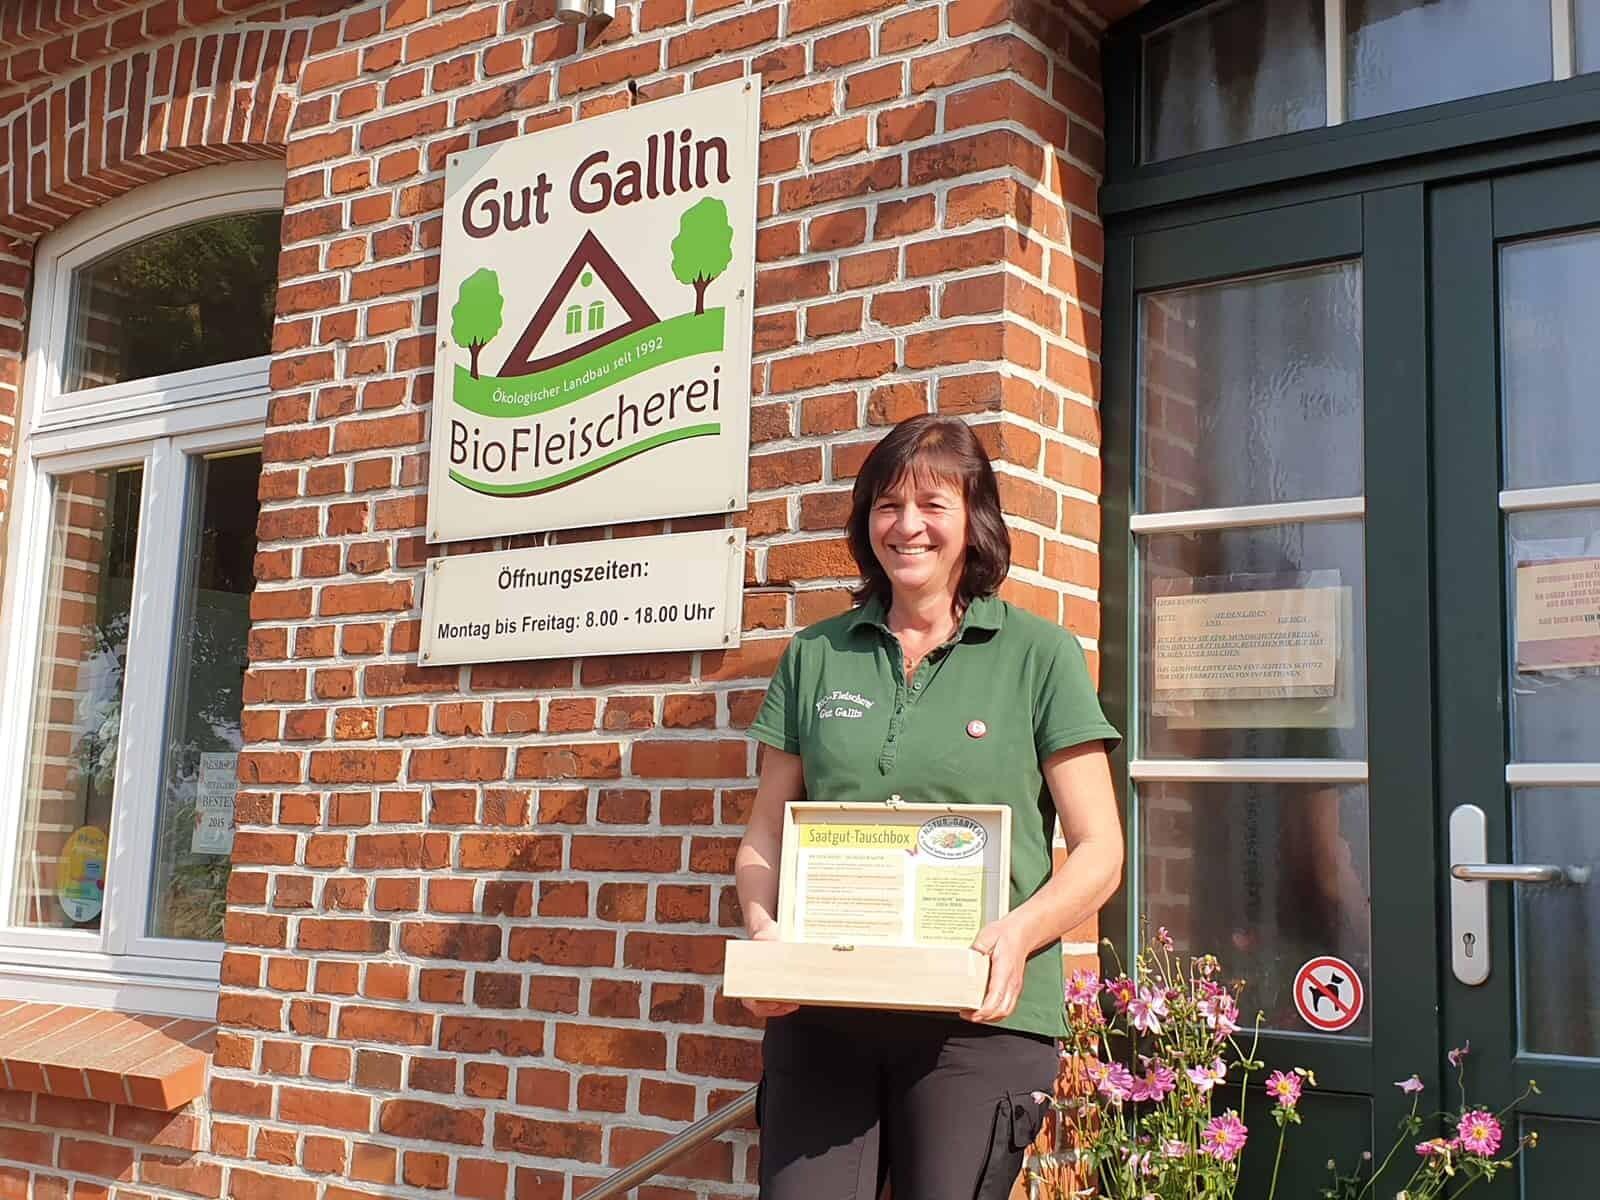 Foto: Peggy Rasim, Geschäftsführerin der BioFleischerei Gut Gallin GmbH, hat ebenfalls eine Saatguttauschbox erhalten. Fotoautorin: Katharina Possitt